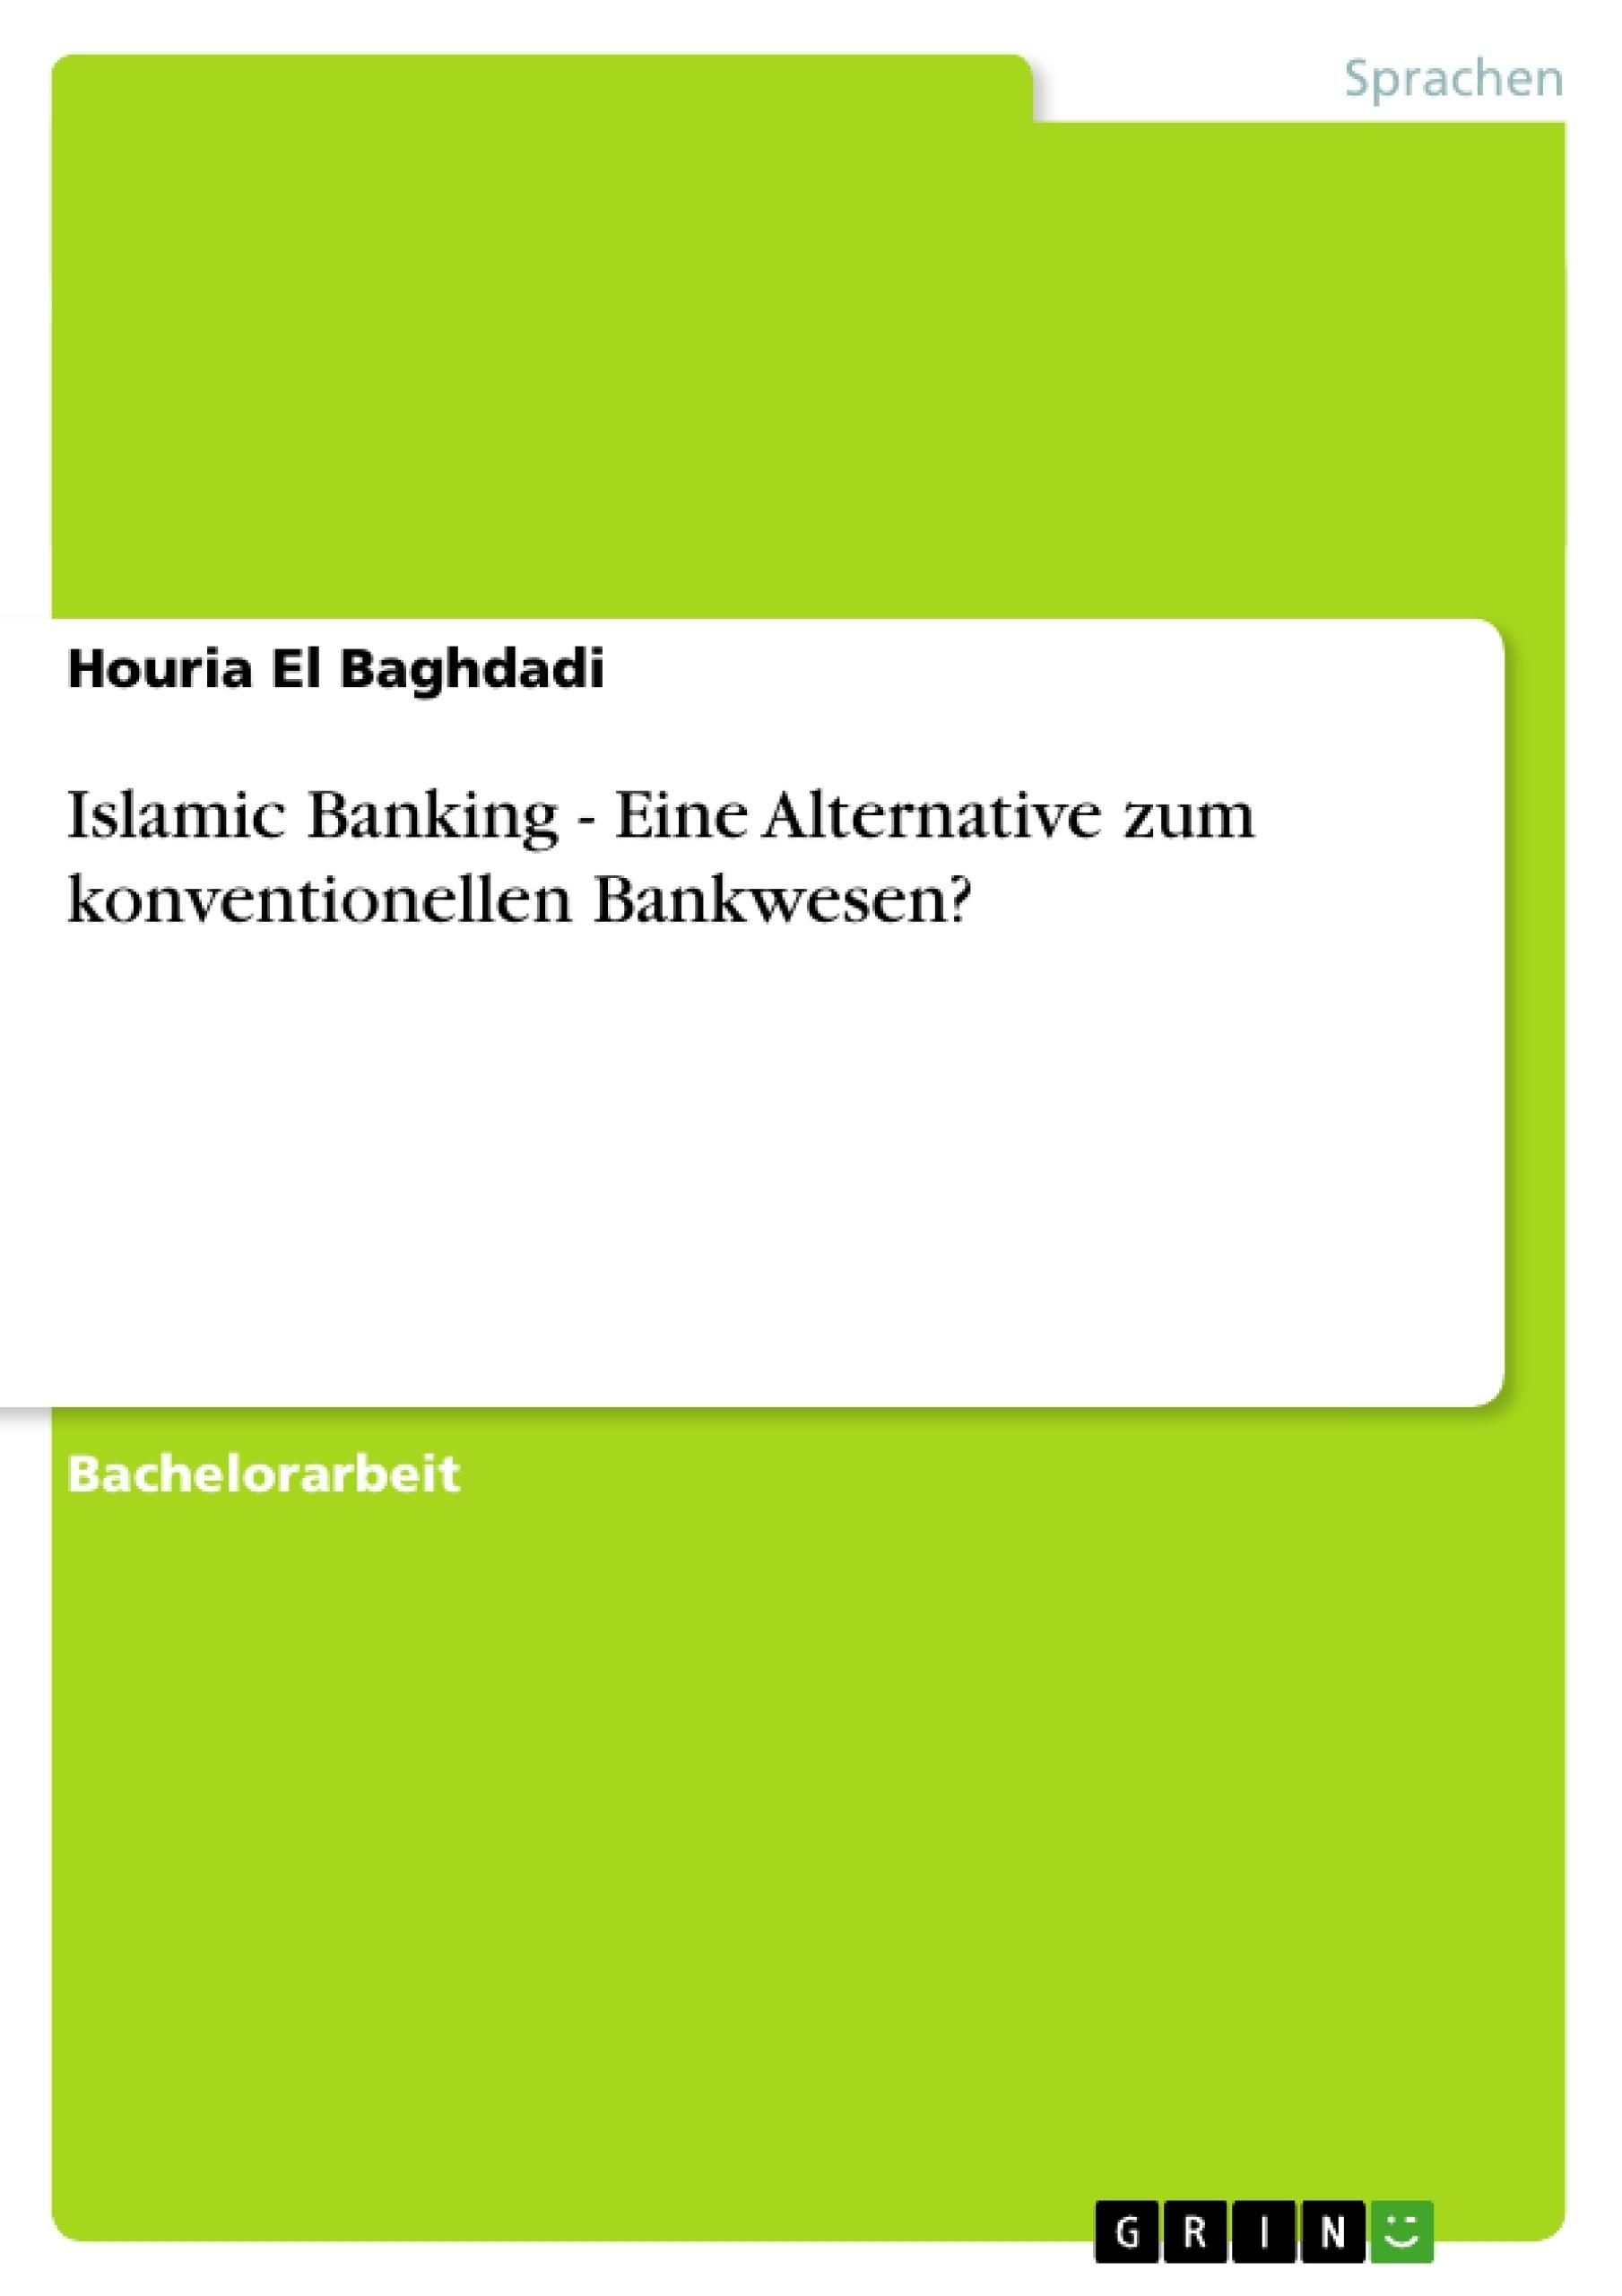 Titel: Islamic Banking - Eine Alternative zum konventionellen Bankwesen?